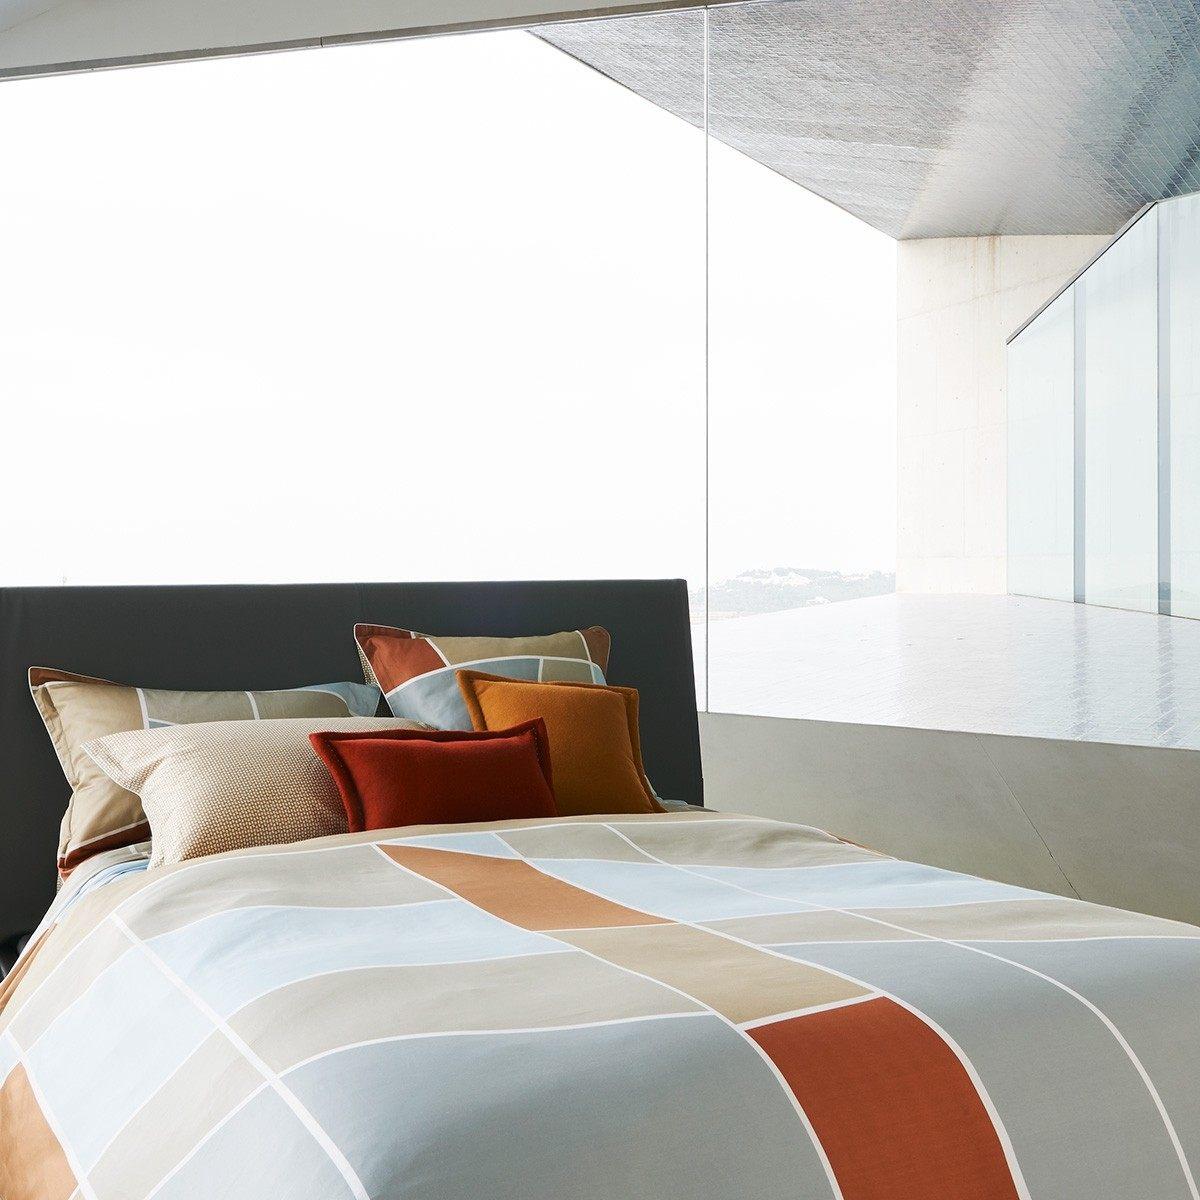 Parure De Lit Satin De Coton Unique Parure De Lit Cityligh Printed Bed Sets Bed Linen Olivier Desforges